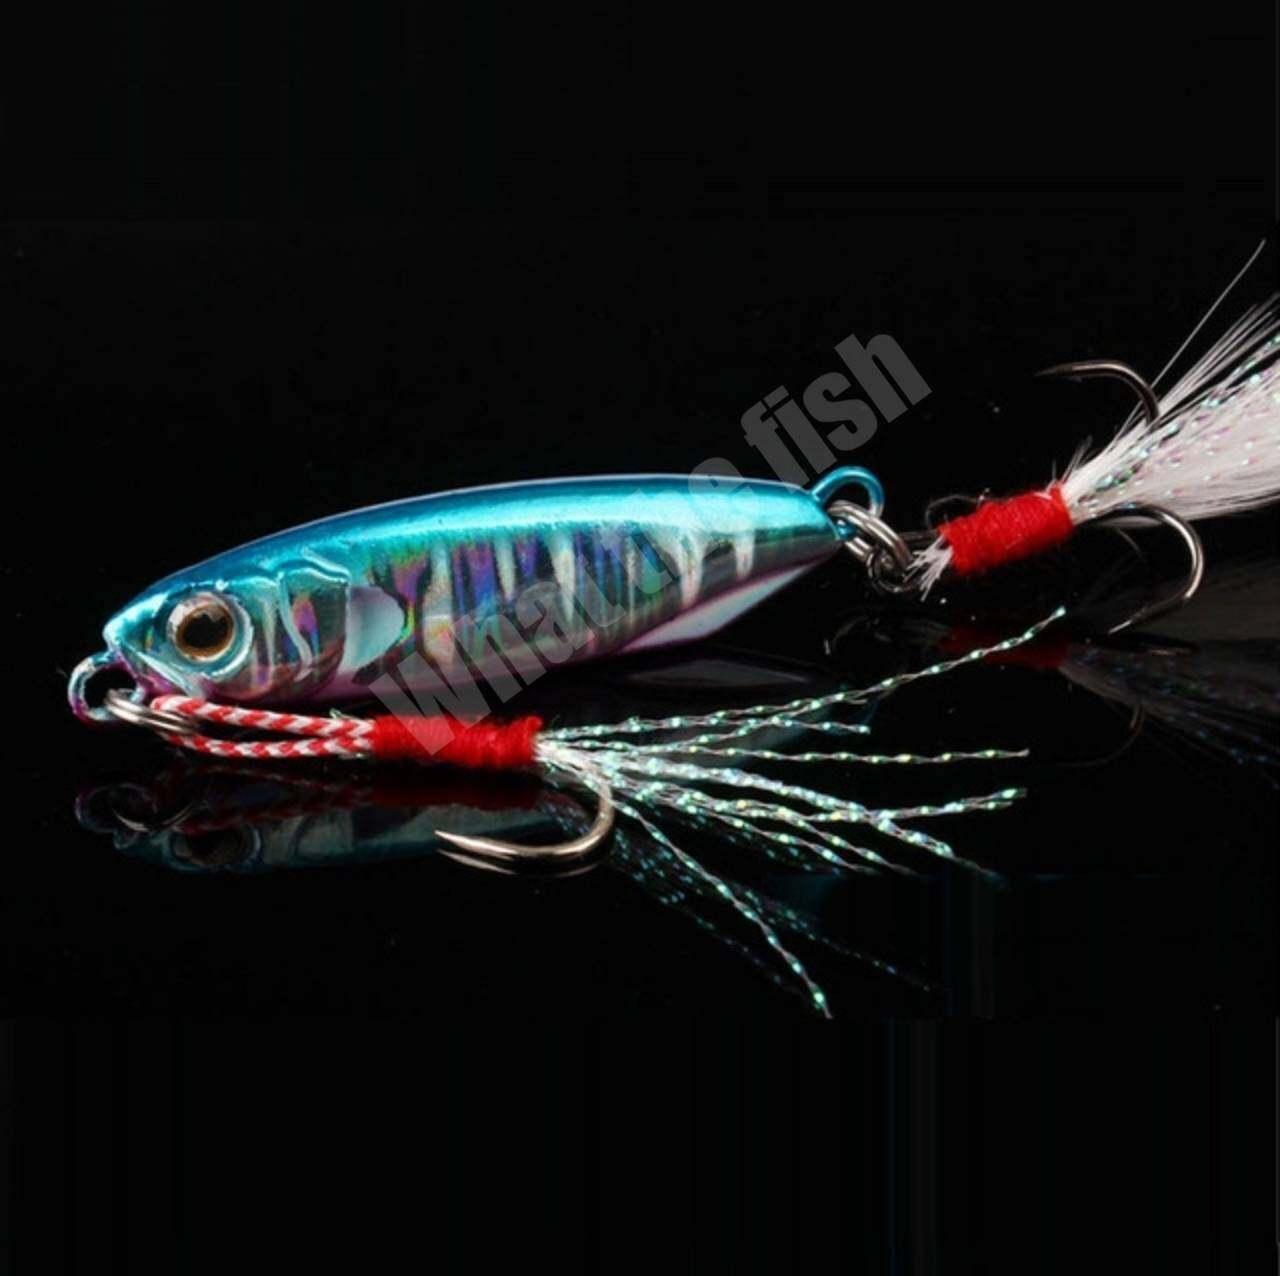 ไมโครจิ๊ก 10กรัม 15กรัม 20กรัม 30กรัม 1ชิ้น เหยื่อไมโครจิ๊ก Micro jig เหยื่อตกปลาทะเล ไมโคจิ๊ก เหยื่อจิ๊ก ตกปลาเก๋า ตกปลากุเลา ไมโคจิก